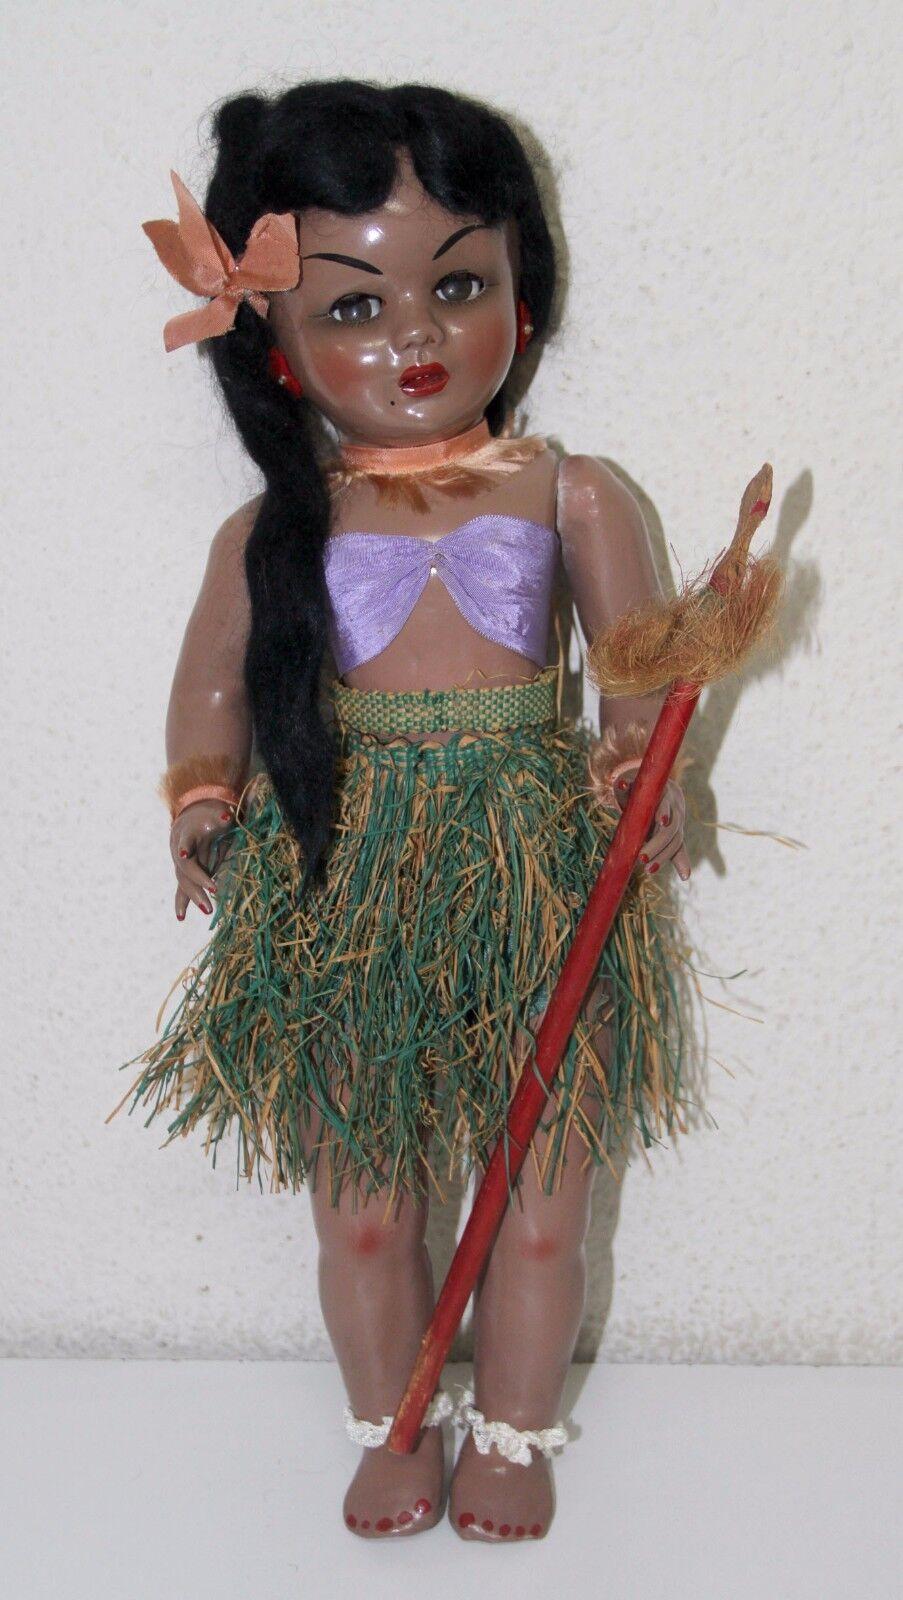 LILÍ DOLL (GISELA'S SISTER). COMPOSITION. SLEEPING EYES. SPAIN. 50s